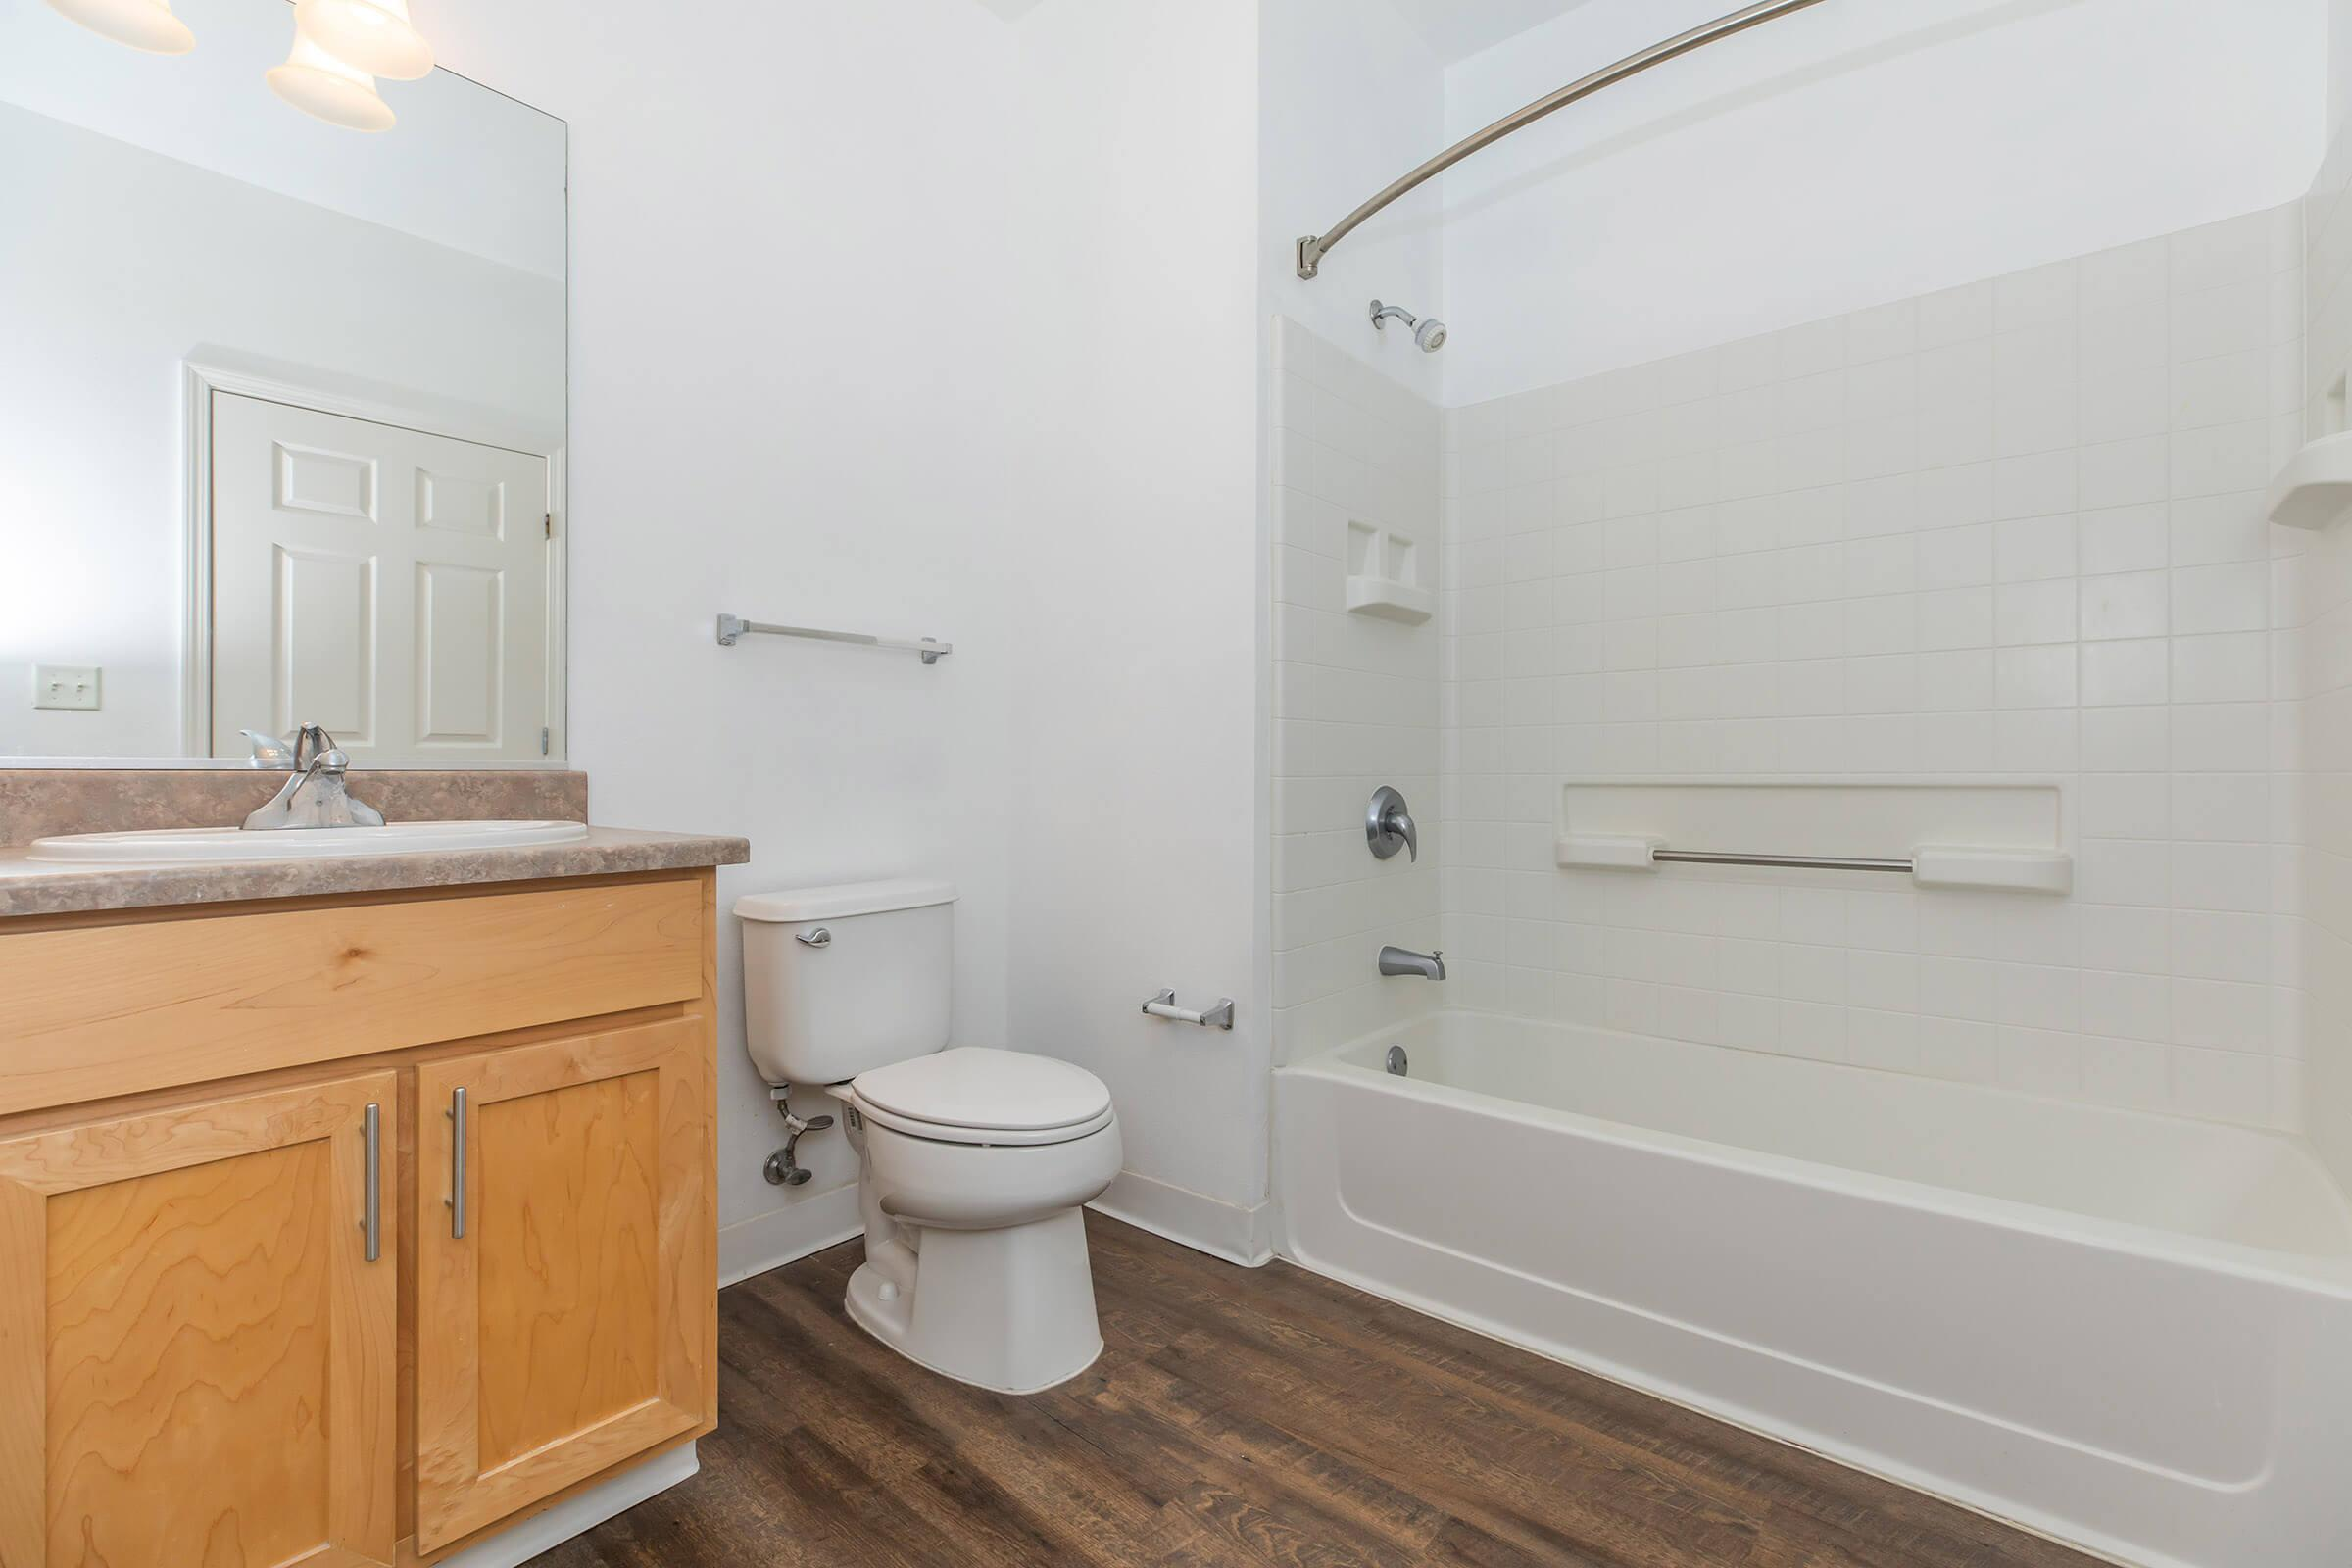 Bathroom at The Village at Town Center in El Cerrito CA